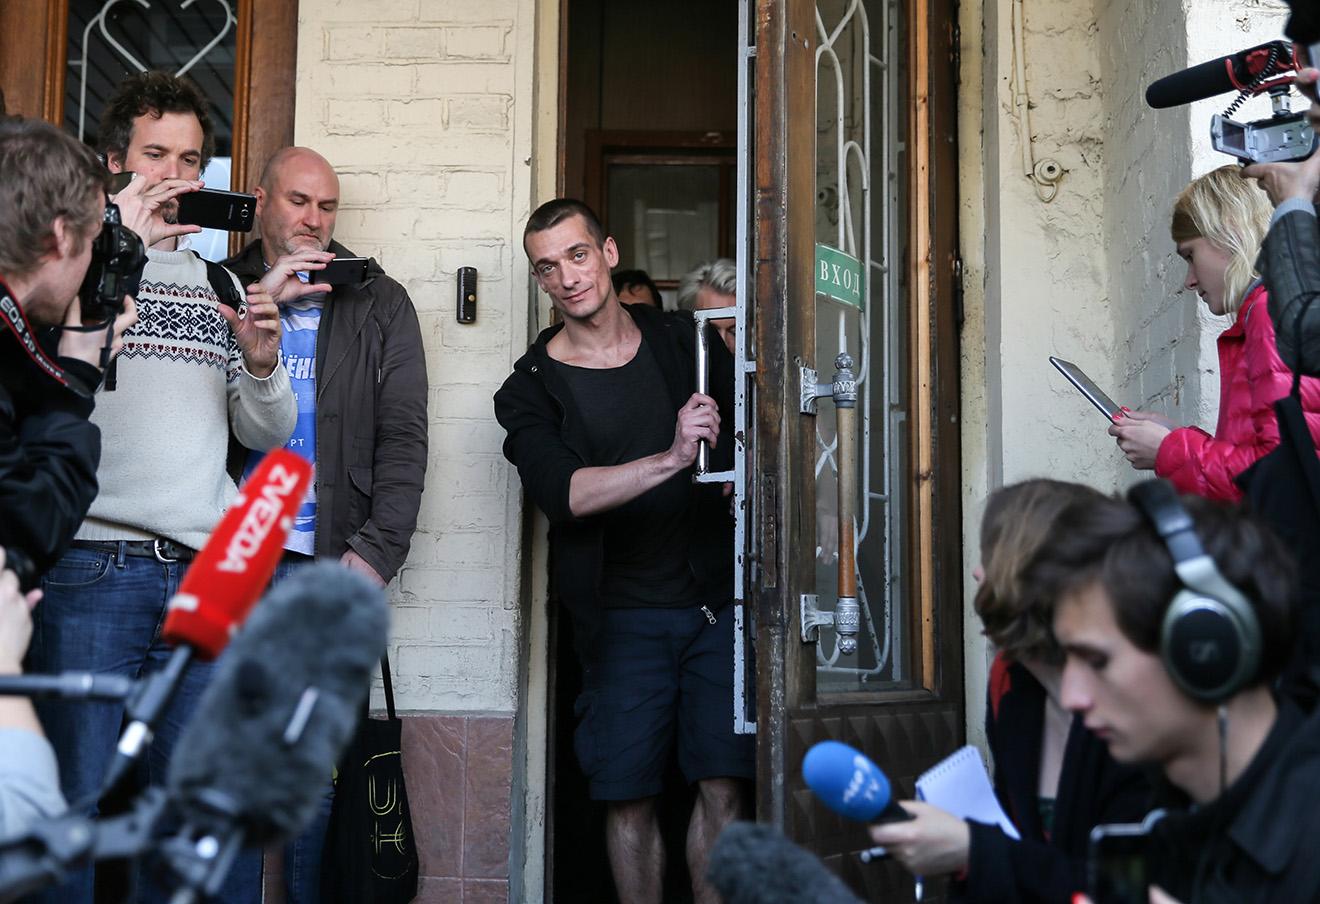 Петр Павленский (в центре) после освобождения в зале суда. Фото: Сергей Савостьянов / ТАСС